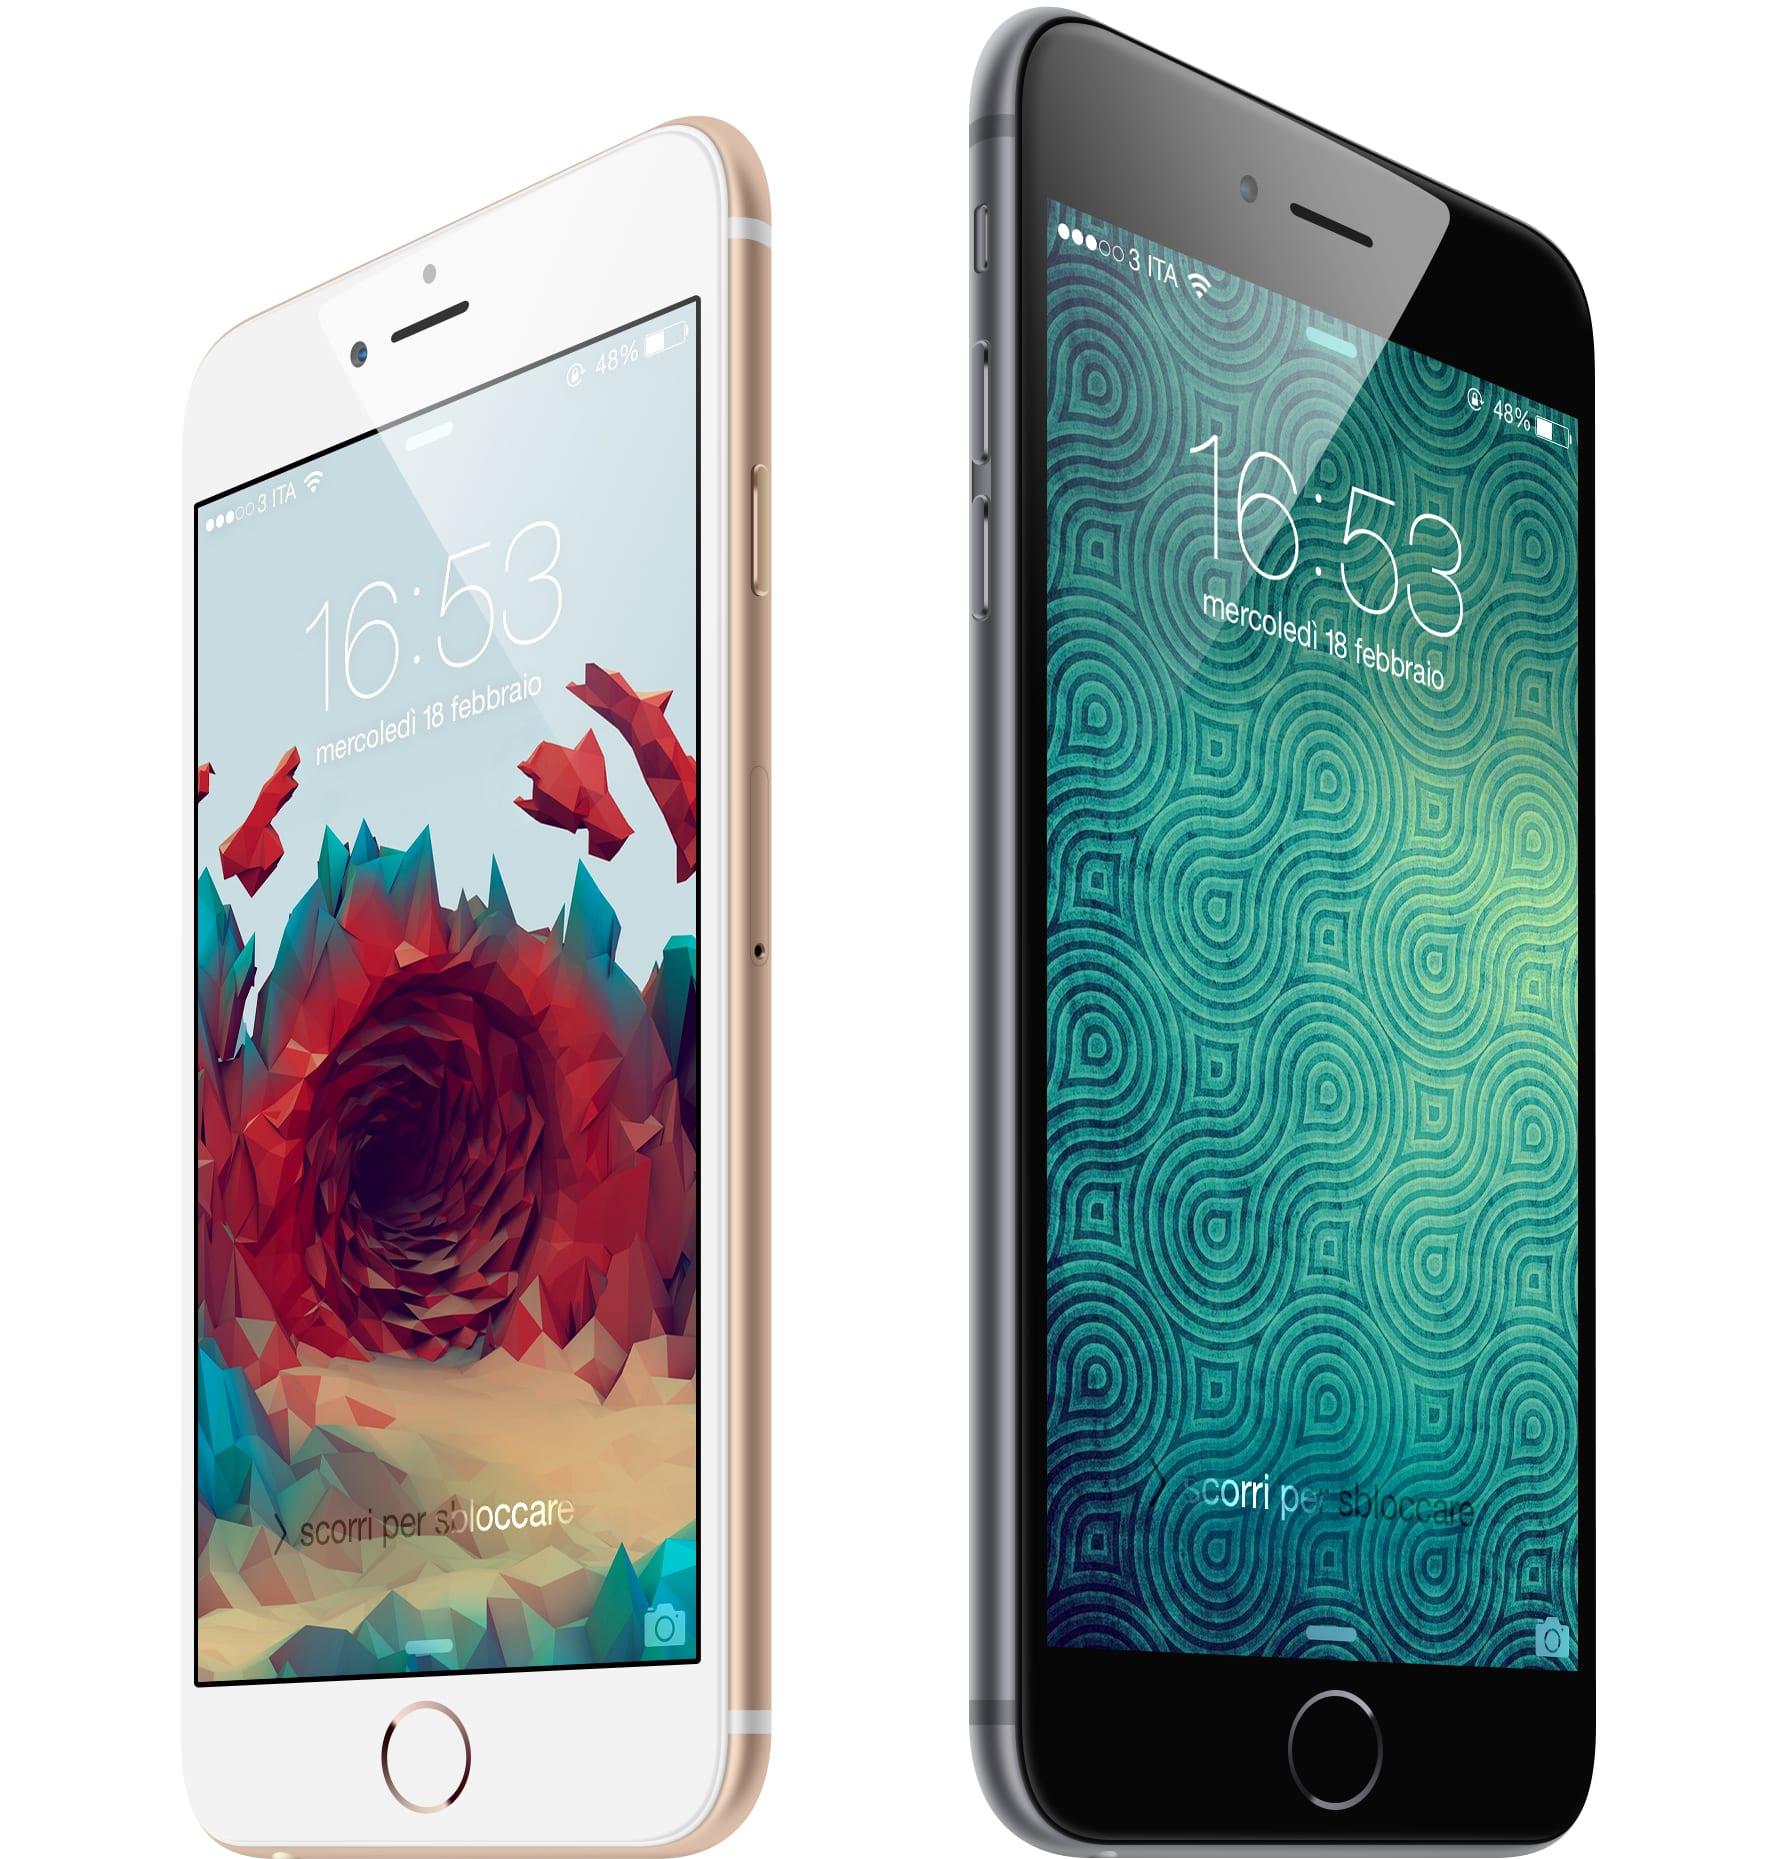 #WallpaperSelection #59: Scarica Gratis i nuovi Sfondi di iSpazio per il tuo iPhone ed iPad [DOWNLOAD]